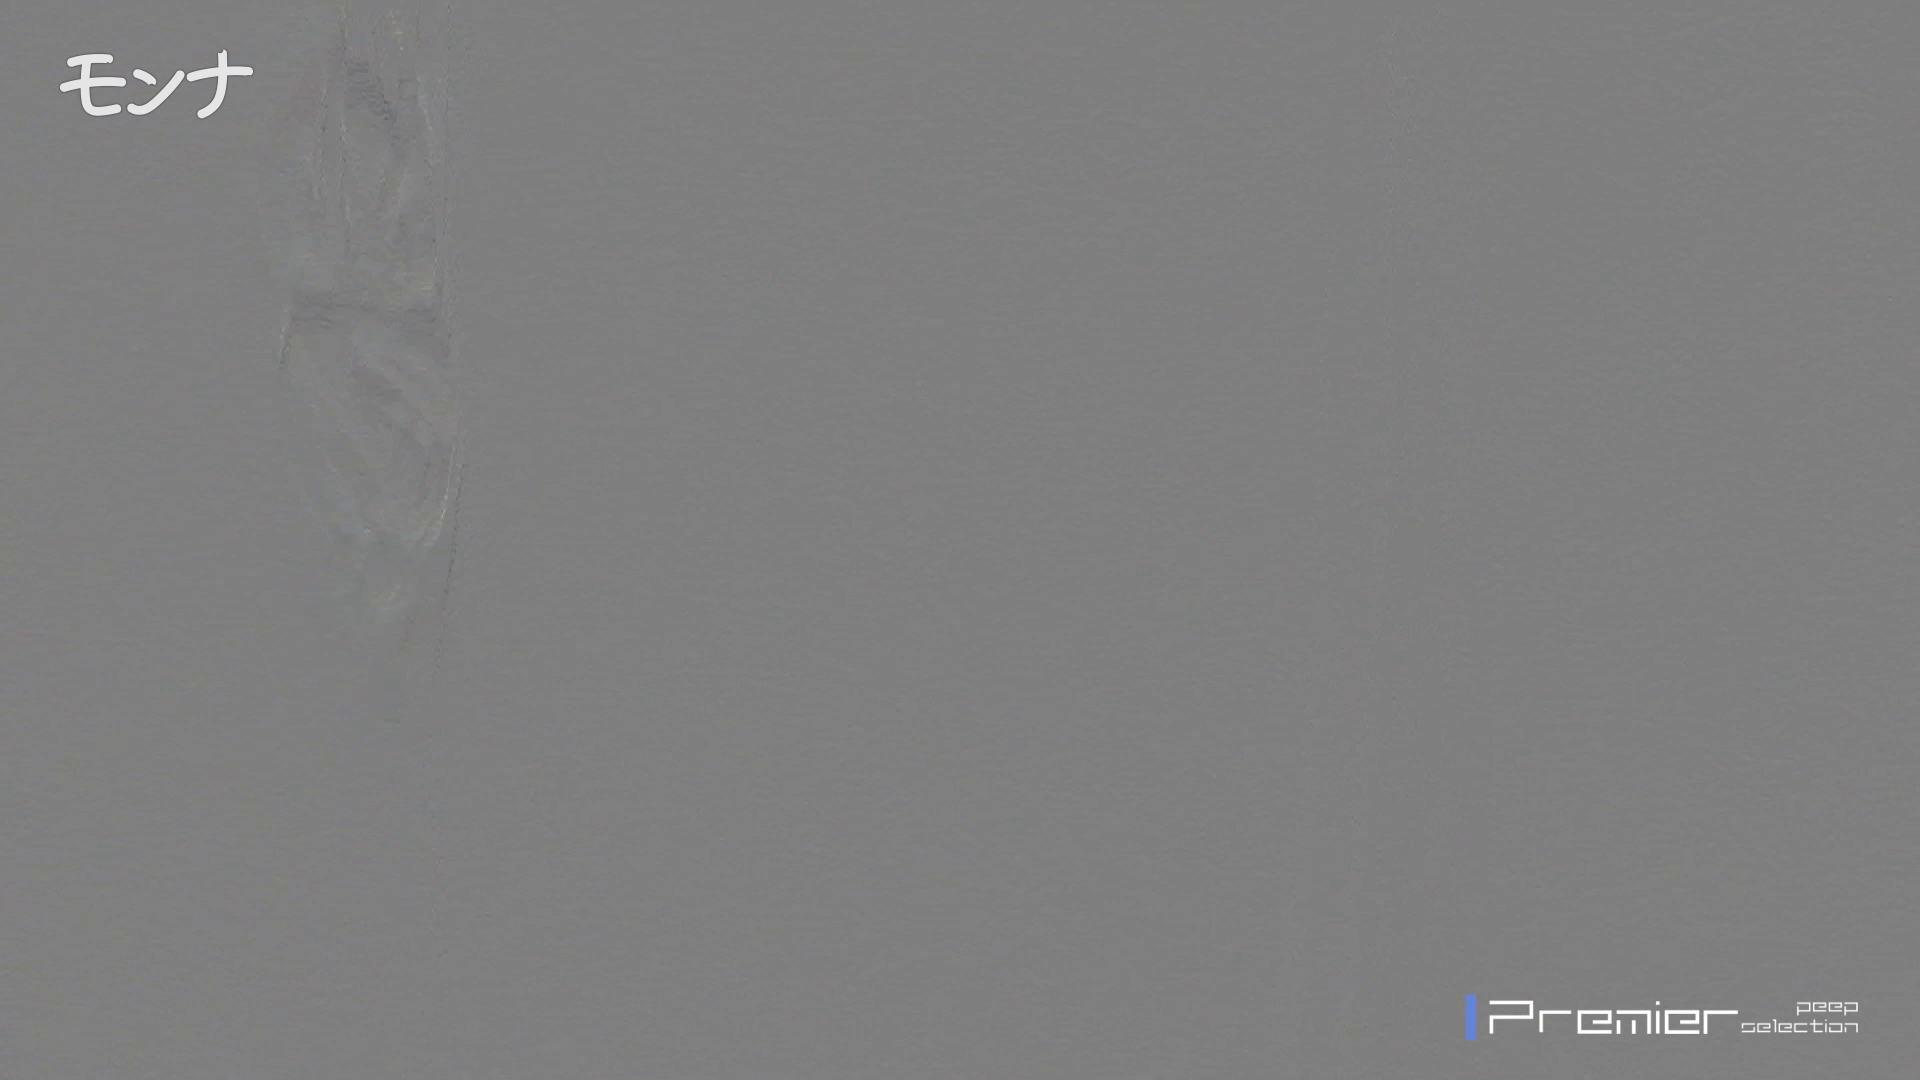 美しい日本の未来 No.54 眼鏡清楚美女特集 美女 エロ画像 94画像 89